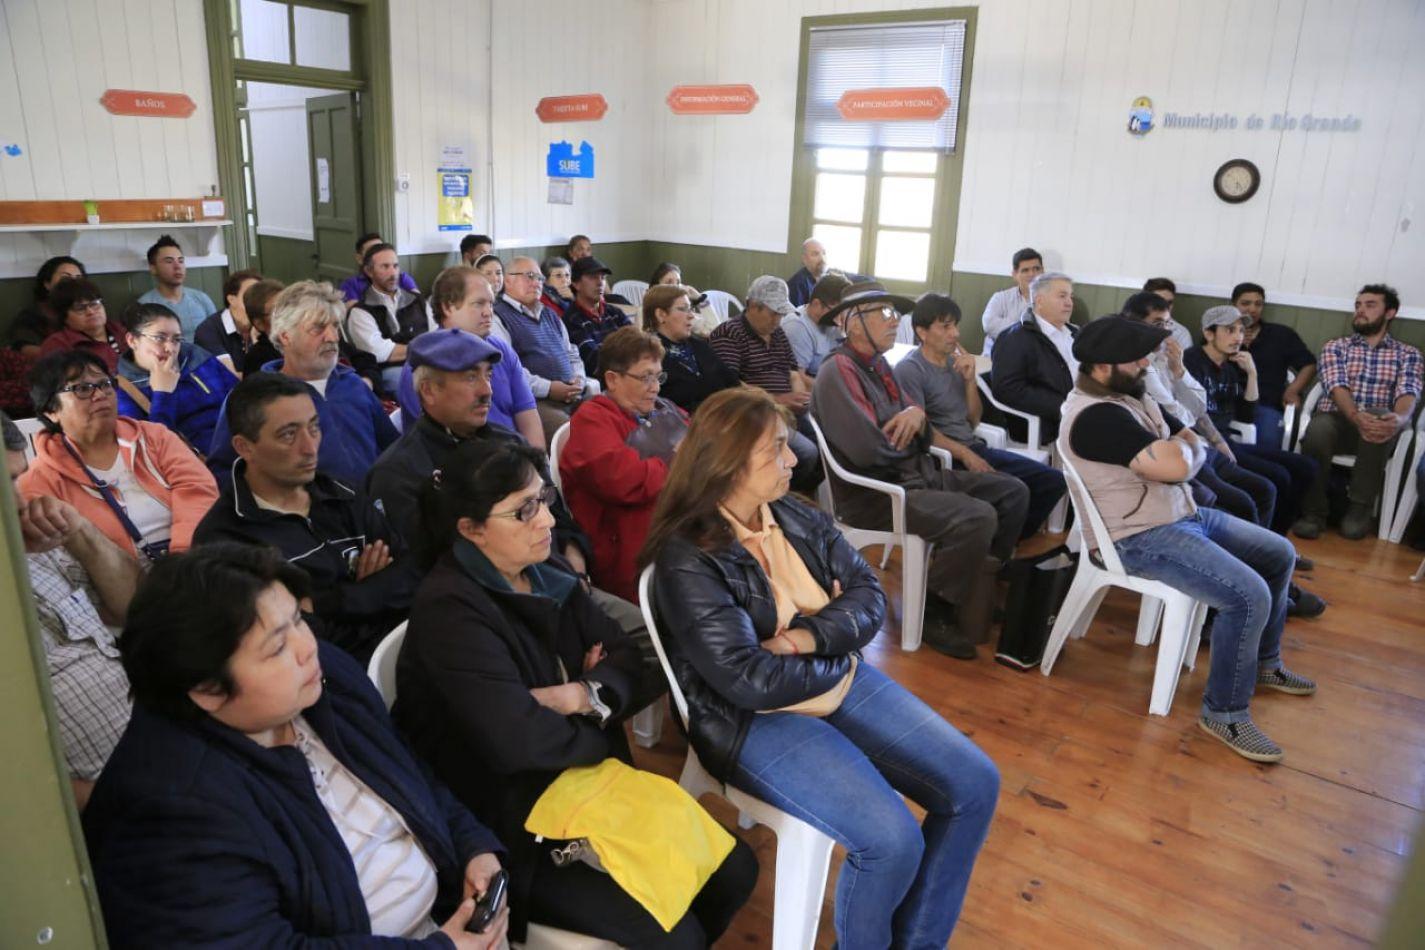 El equipo de Desarrollo Económico y Ambiente del Municipio mantuvo un encuentro con productores hortícolas de nuestra ciudad.